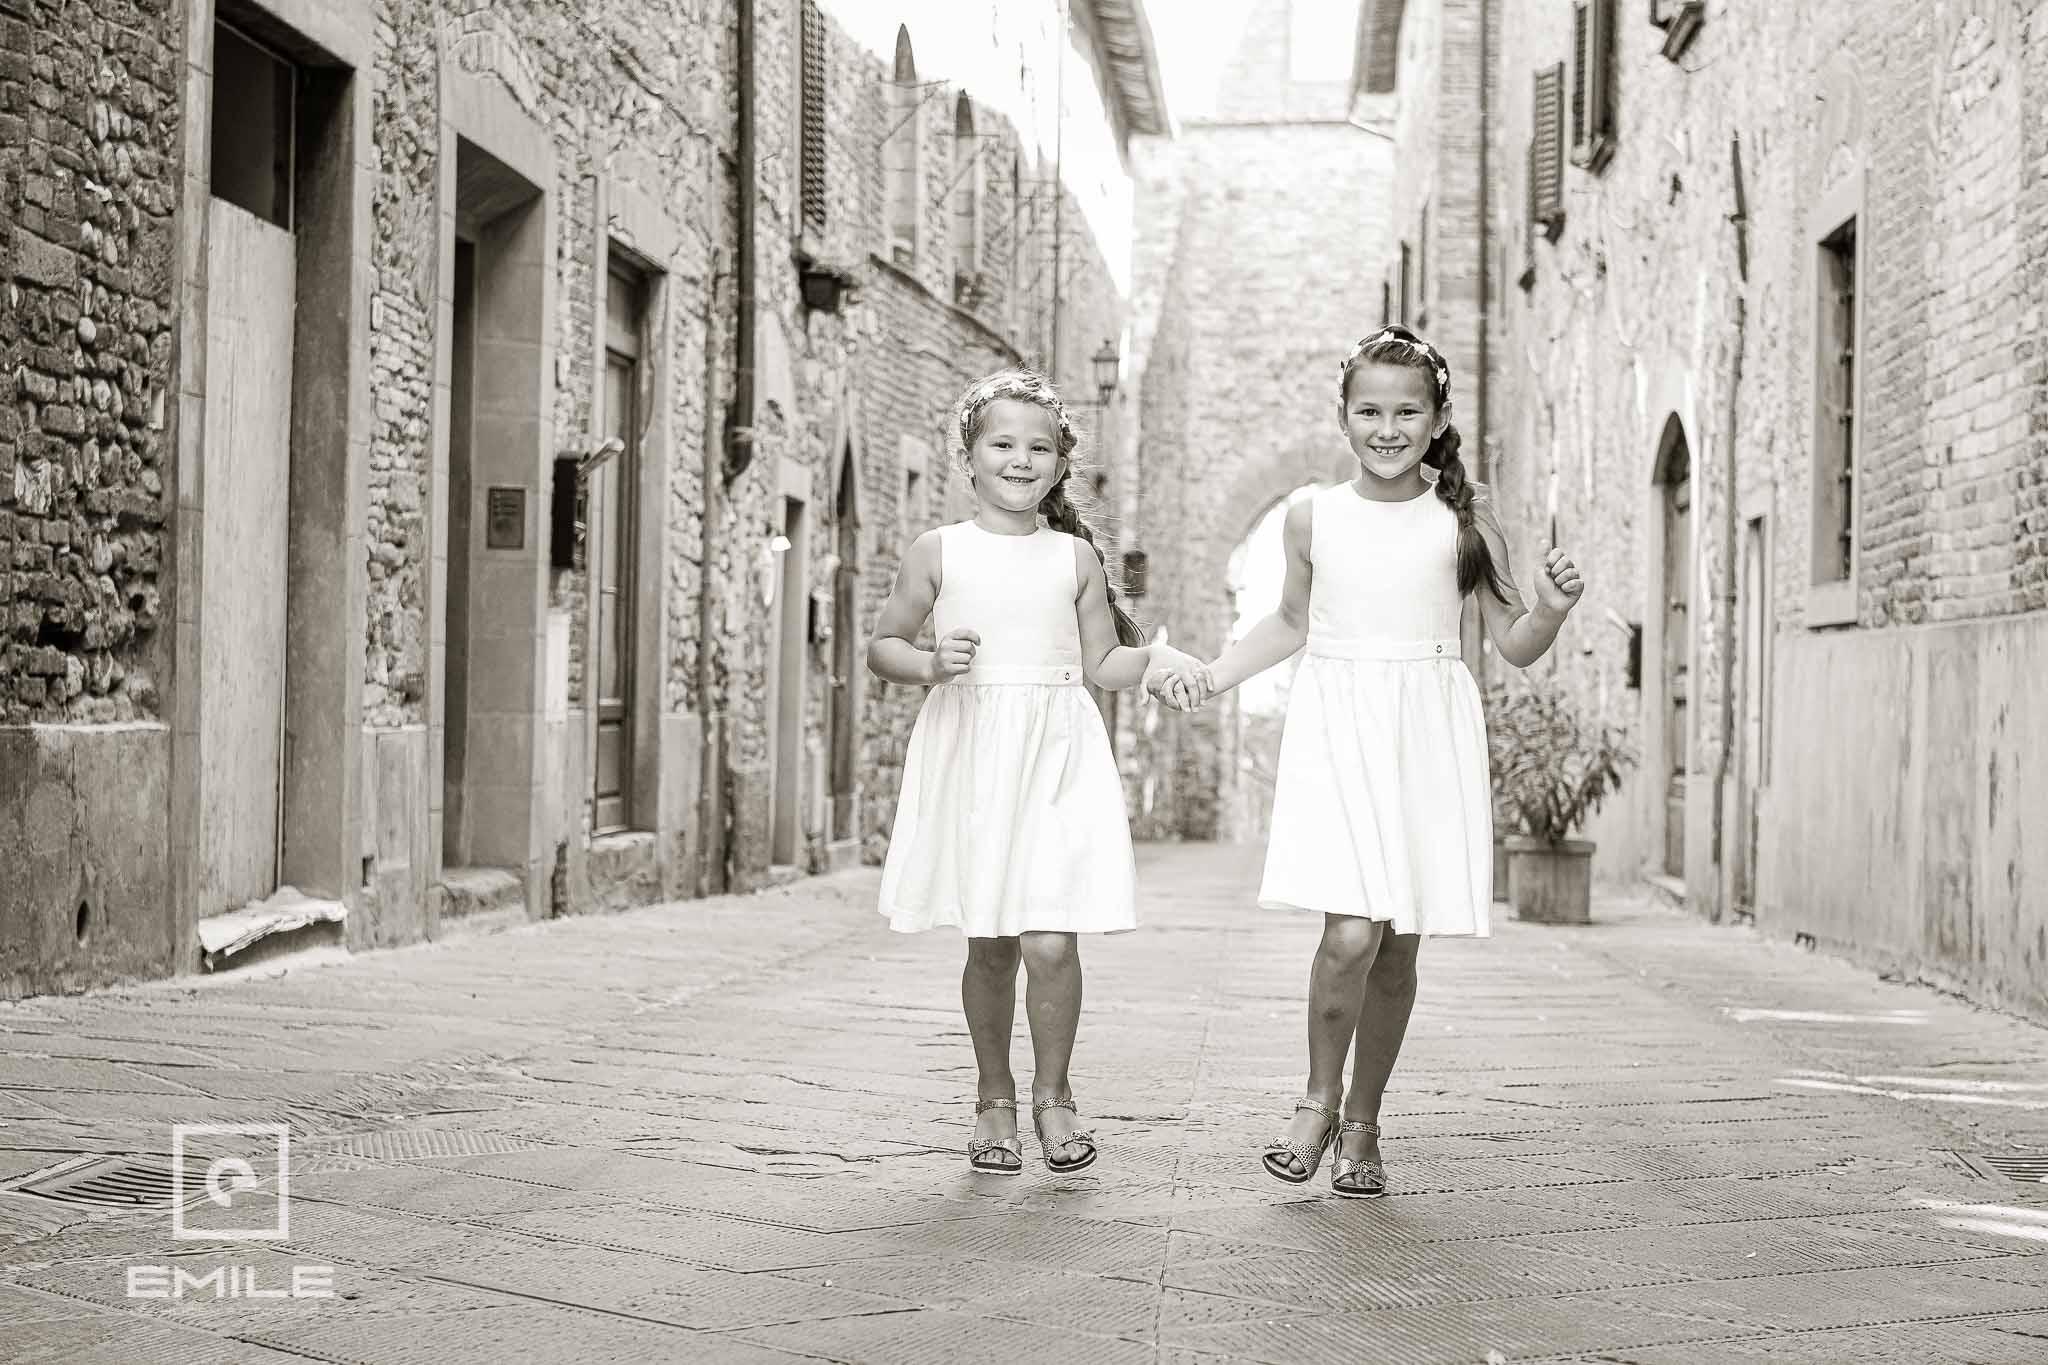 De kinderen springend op de foto - Destination wedding San Gimignano - Toscane Italie - Iris en Job